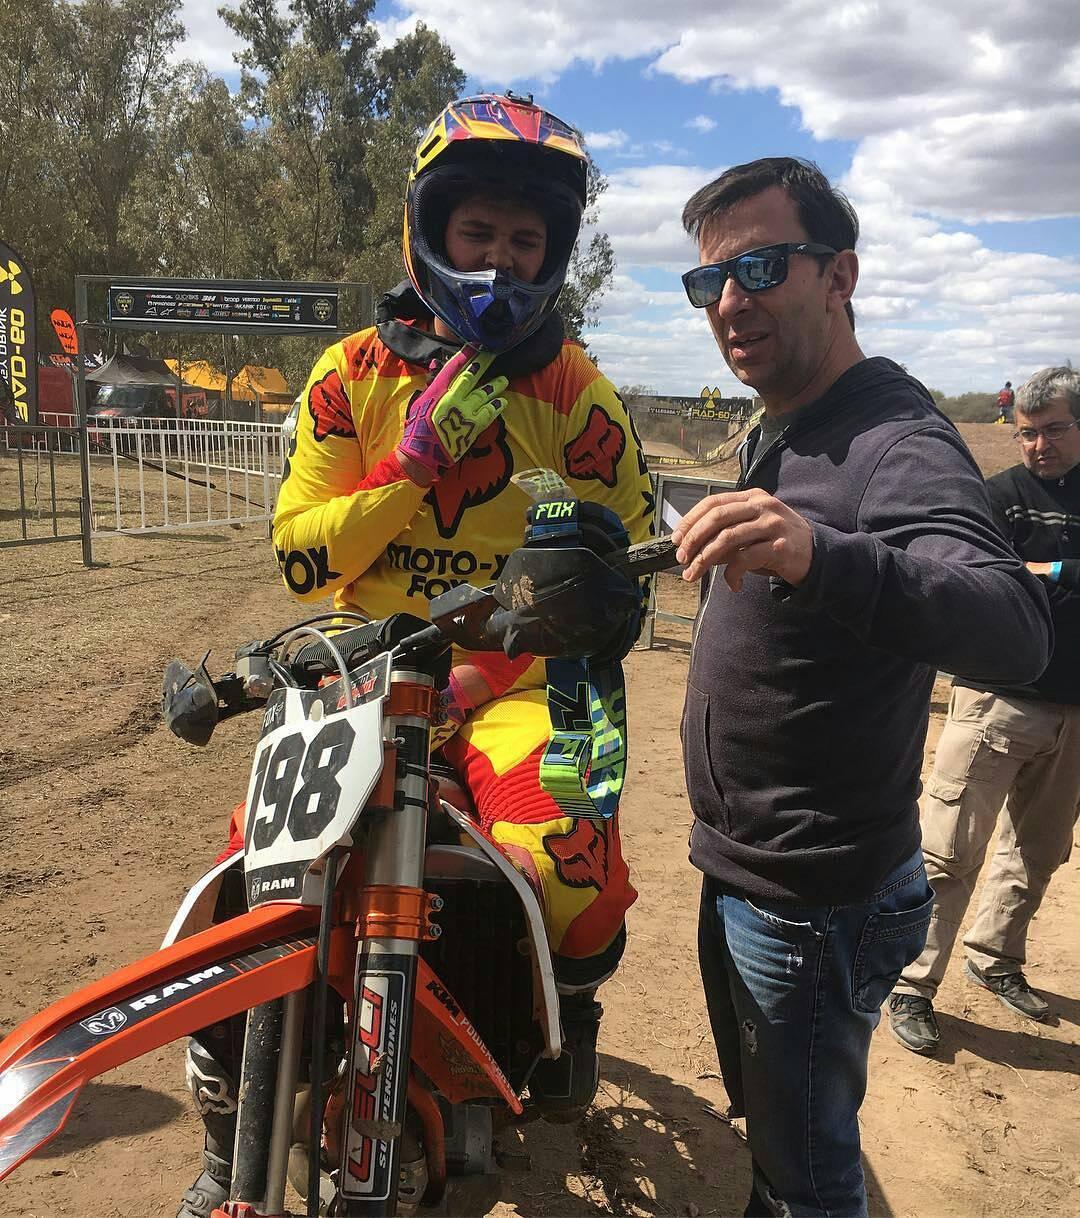 @agustinpoli198 is back. Luego de su quebradura en el brazo, el piloto del Fox KTM Motocross Team vuelve a la acción, pero en MX1. En la foto junto a @chanta10. #foxheadargentina